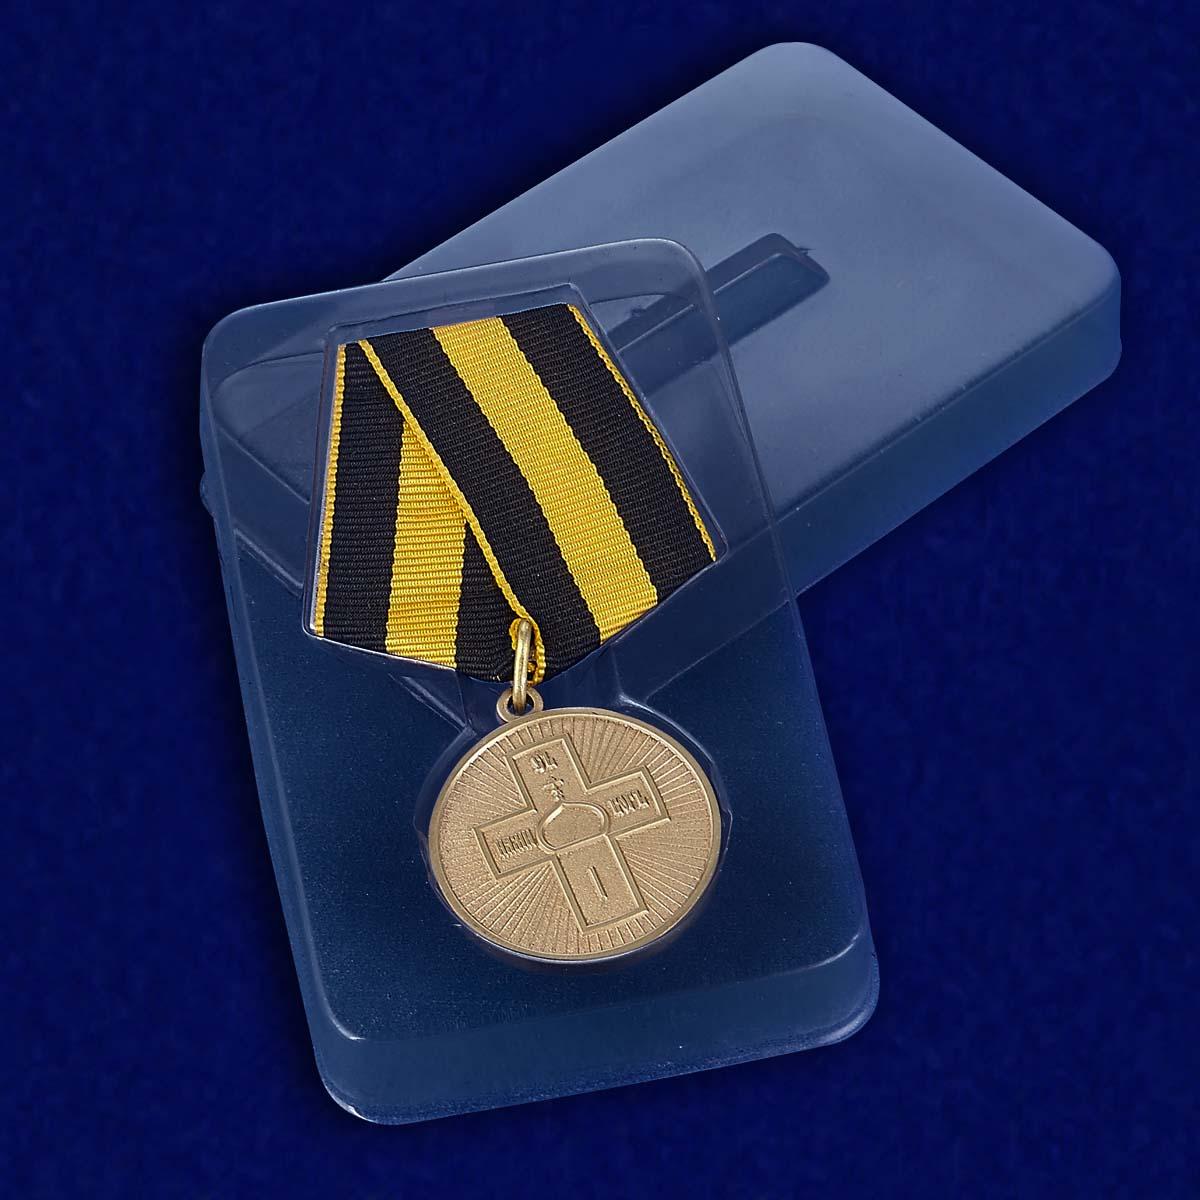 """Медаль """"Дело Веры"""" 3 степени в пластиковом футляре"""